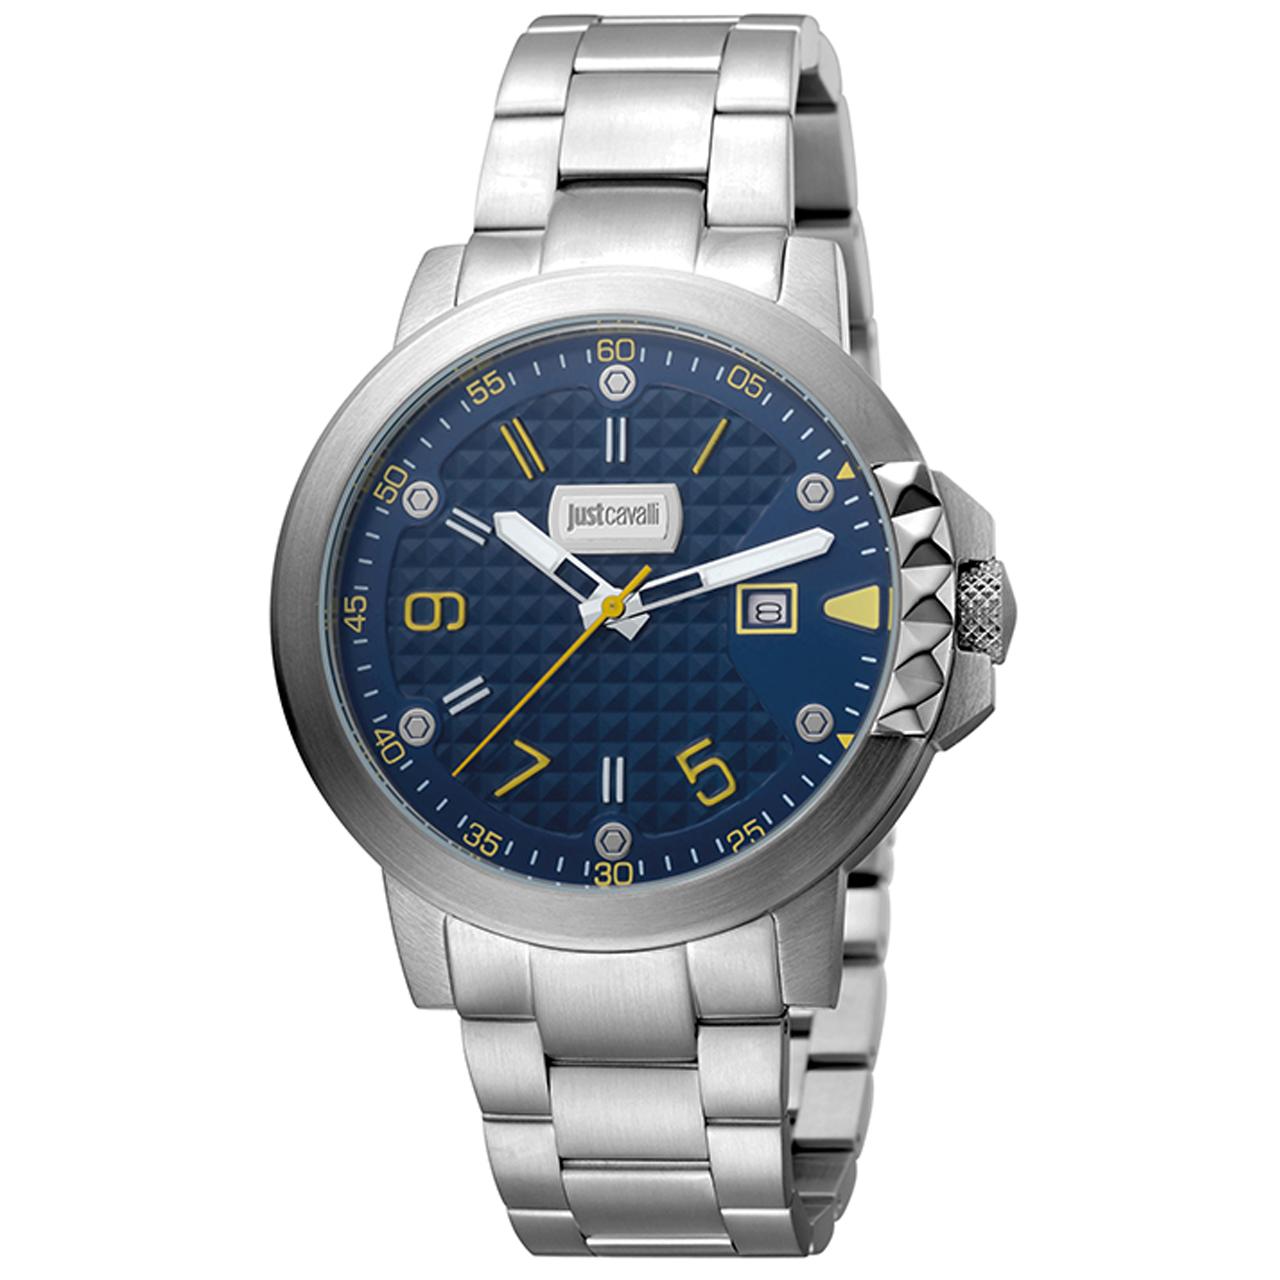 ساعت مچی عقربه ای مردانه جاست کاوالی مدل JC1G016M0075 35